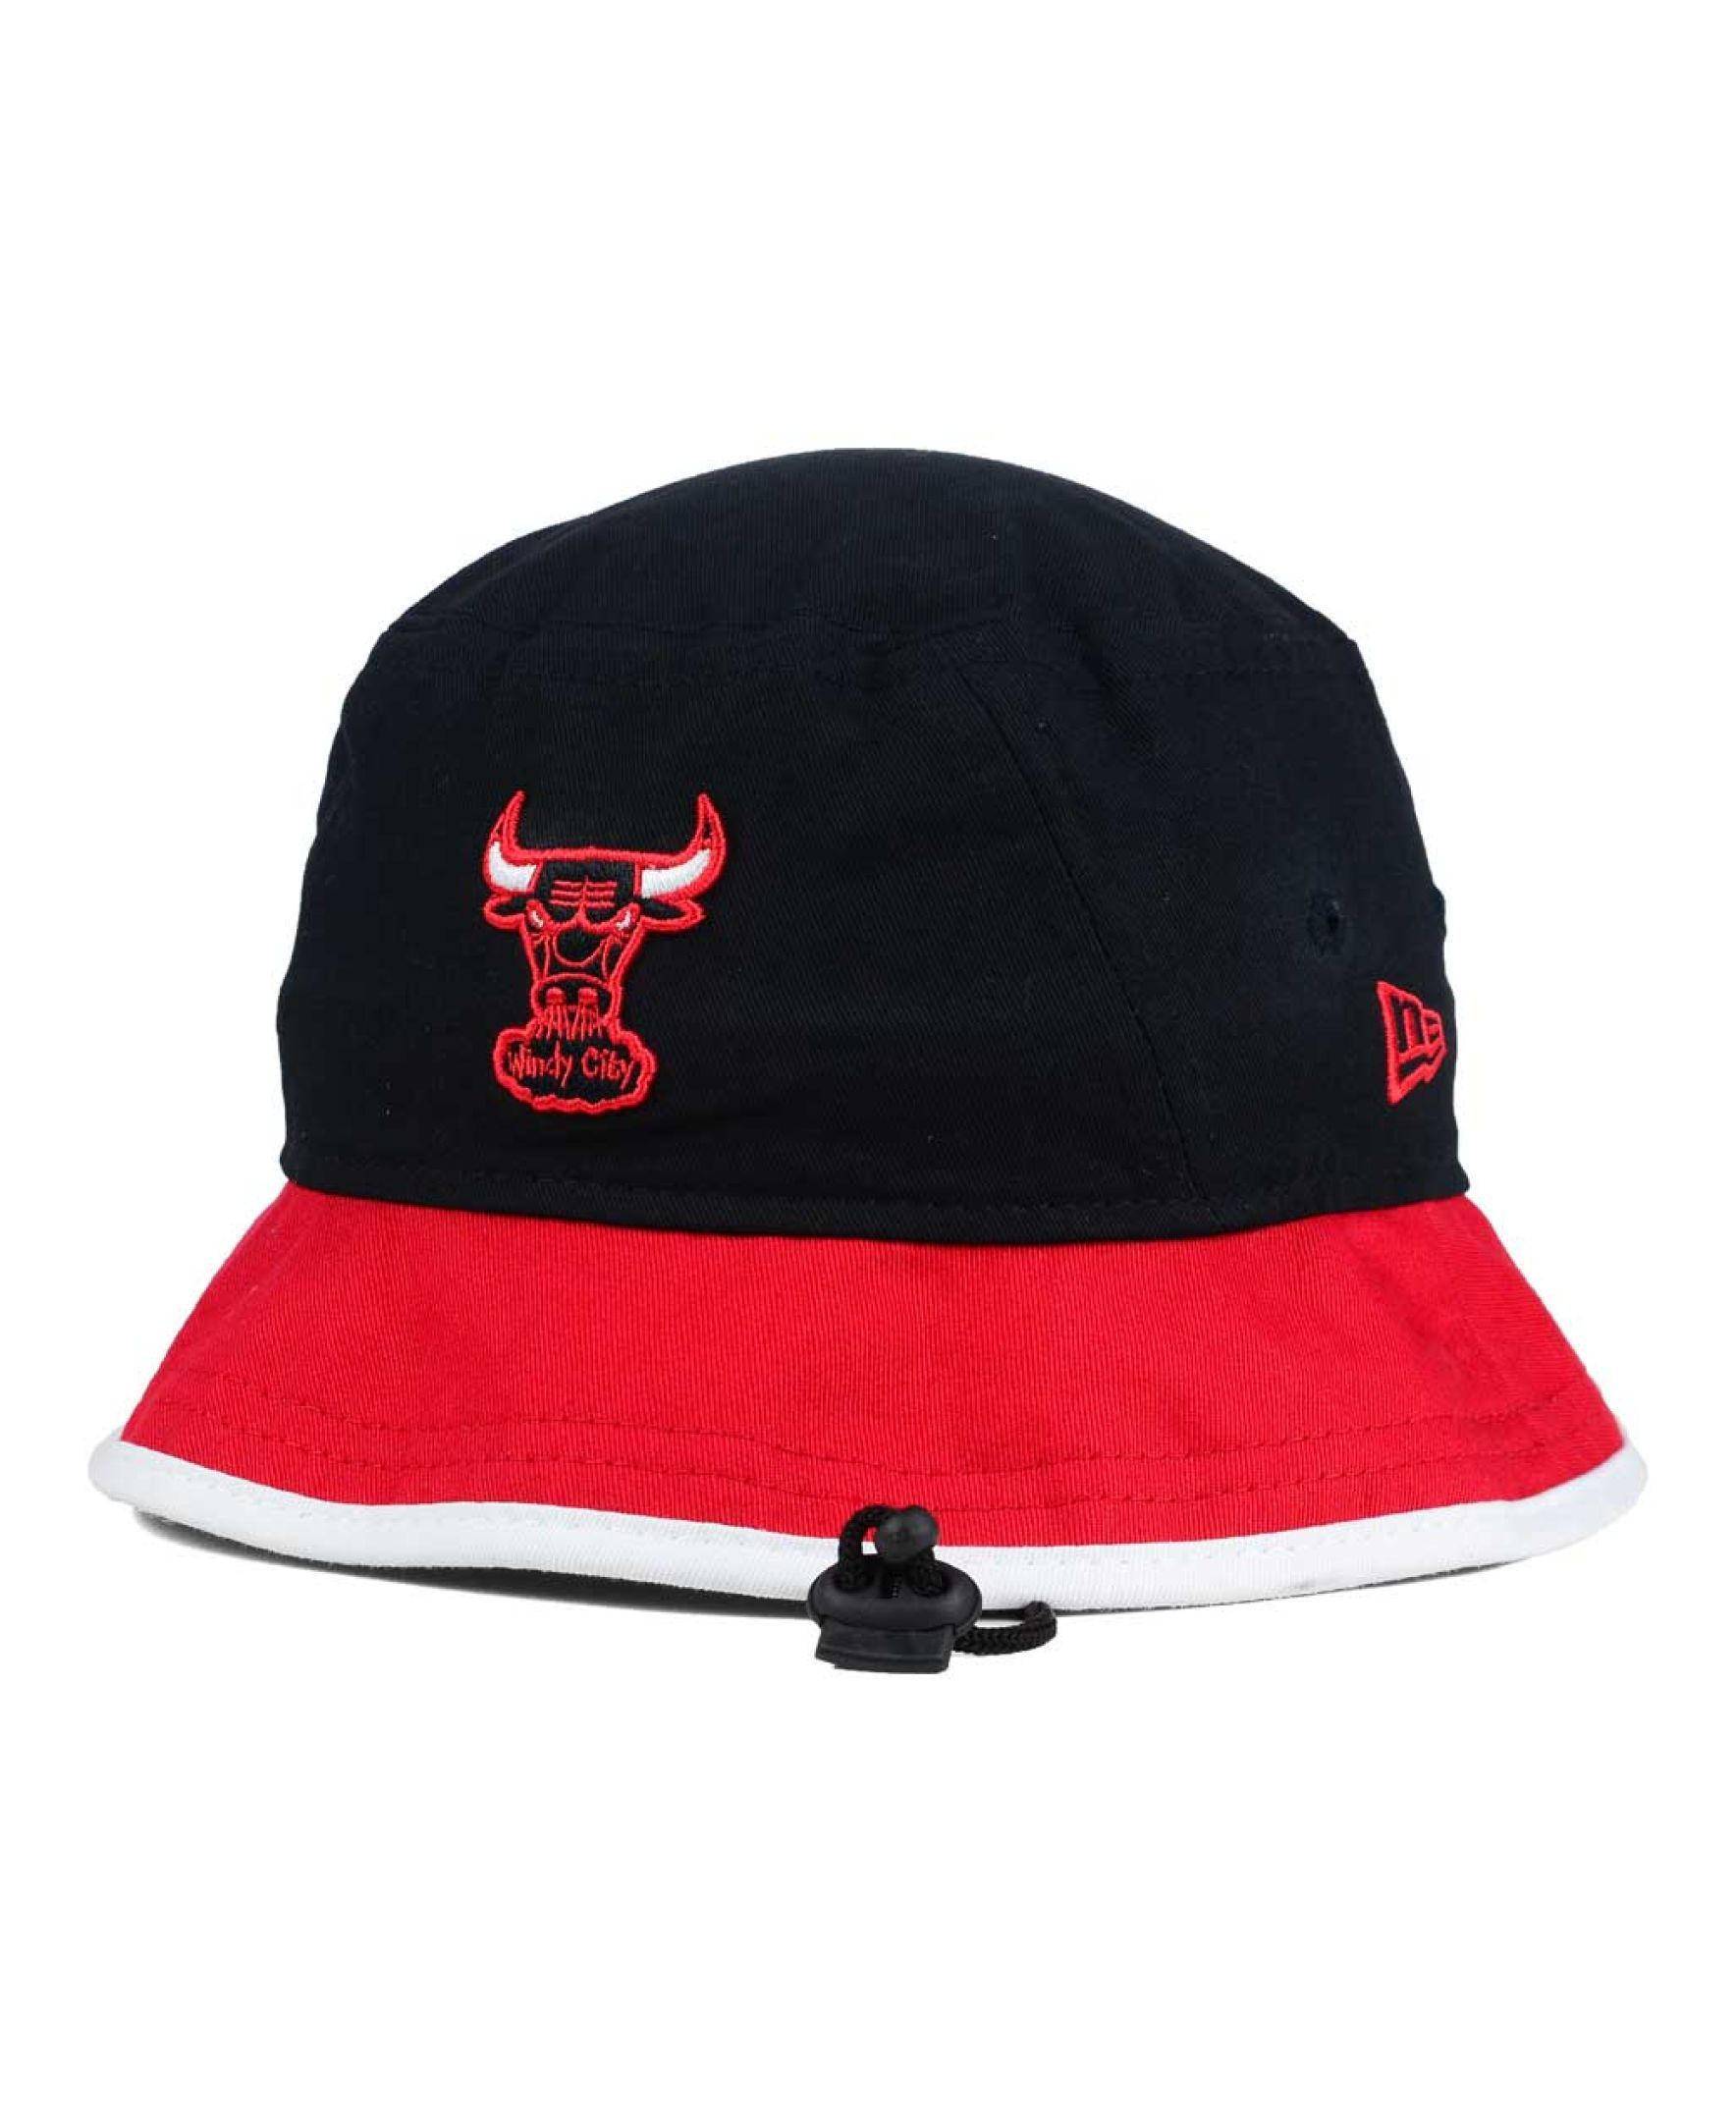 bc3a6a777f2 New Era Chicago Bulls Black-Top Bucket Hat